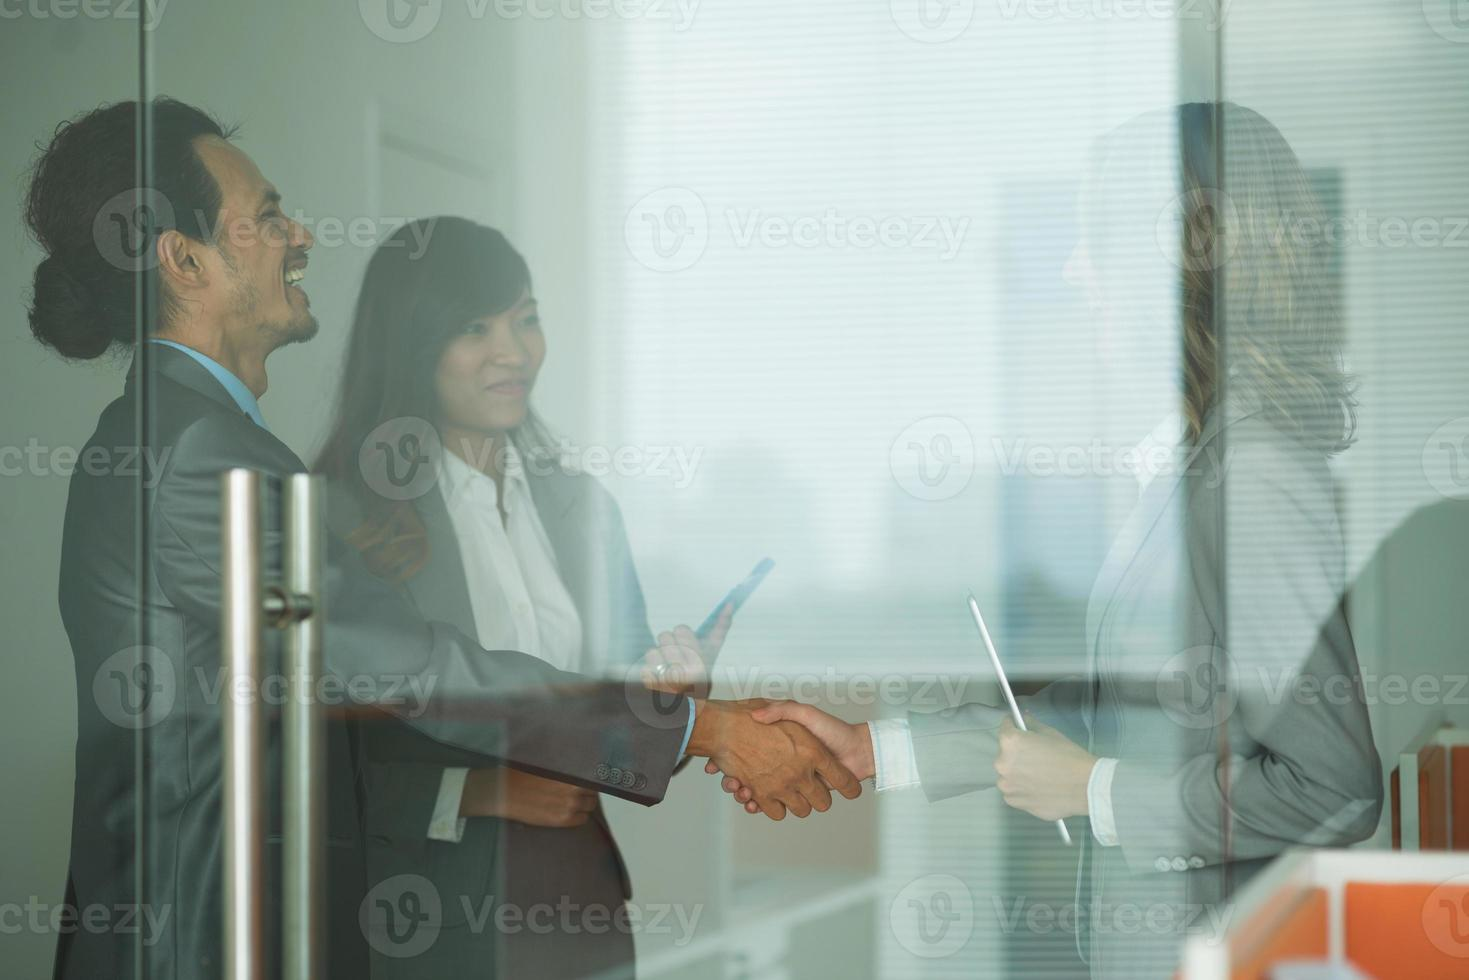 avant la réunion d'affaires photo